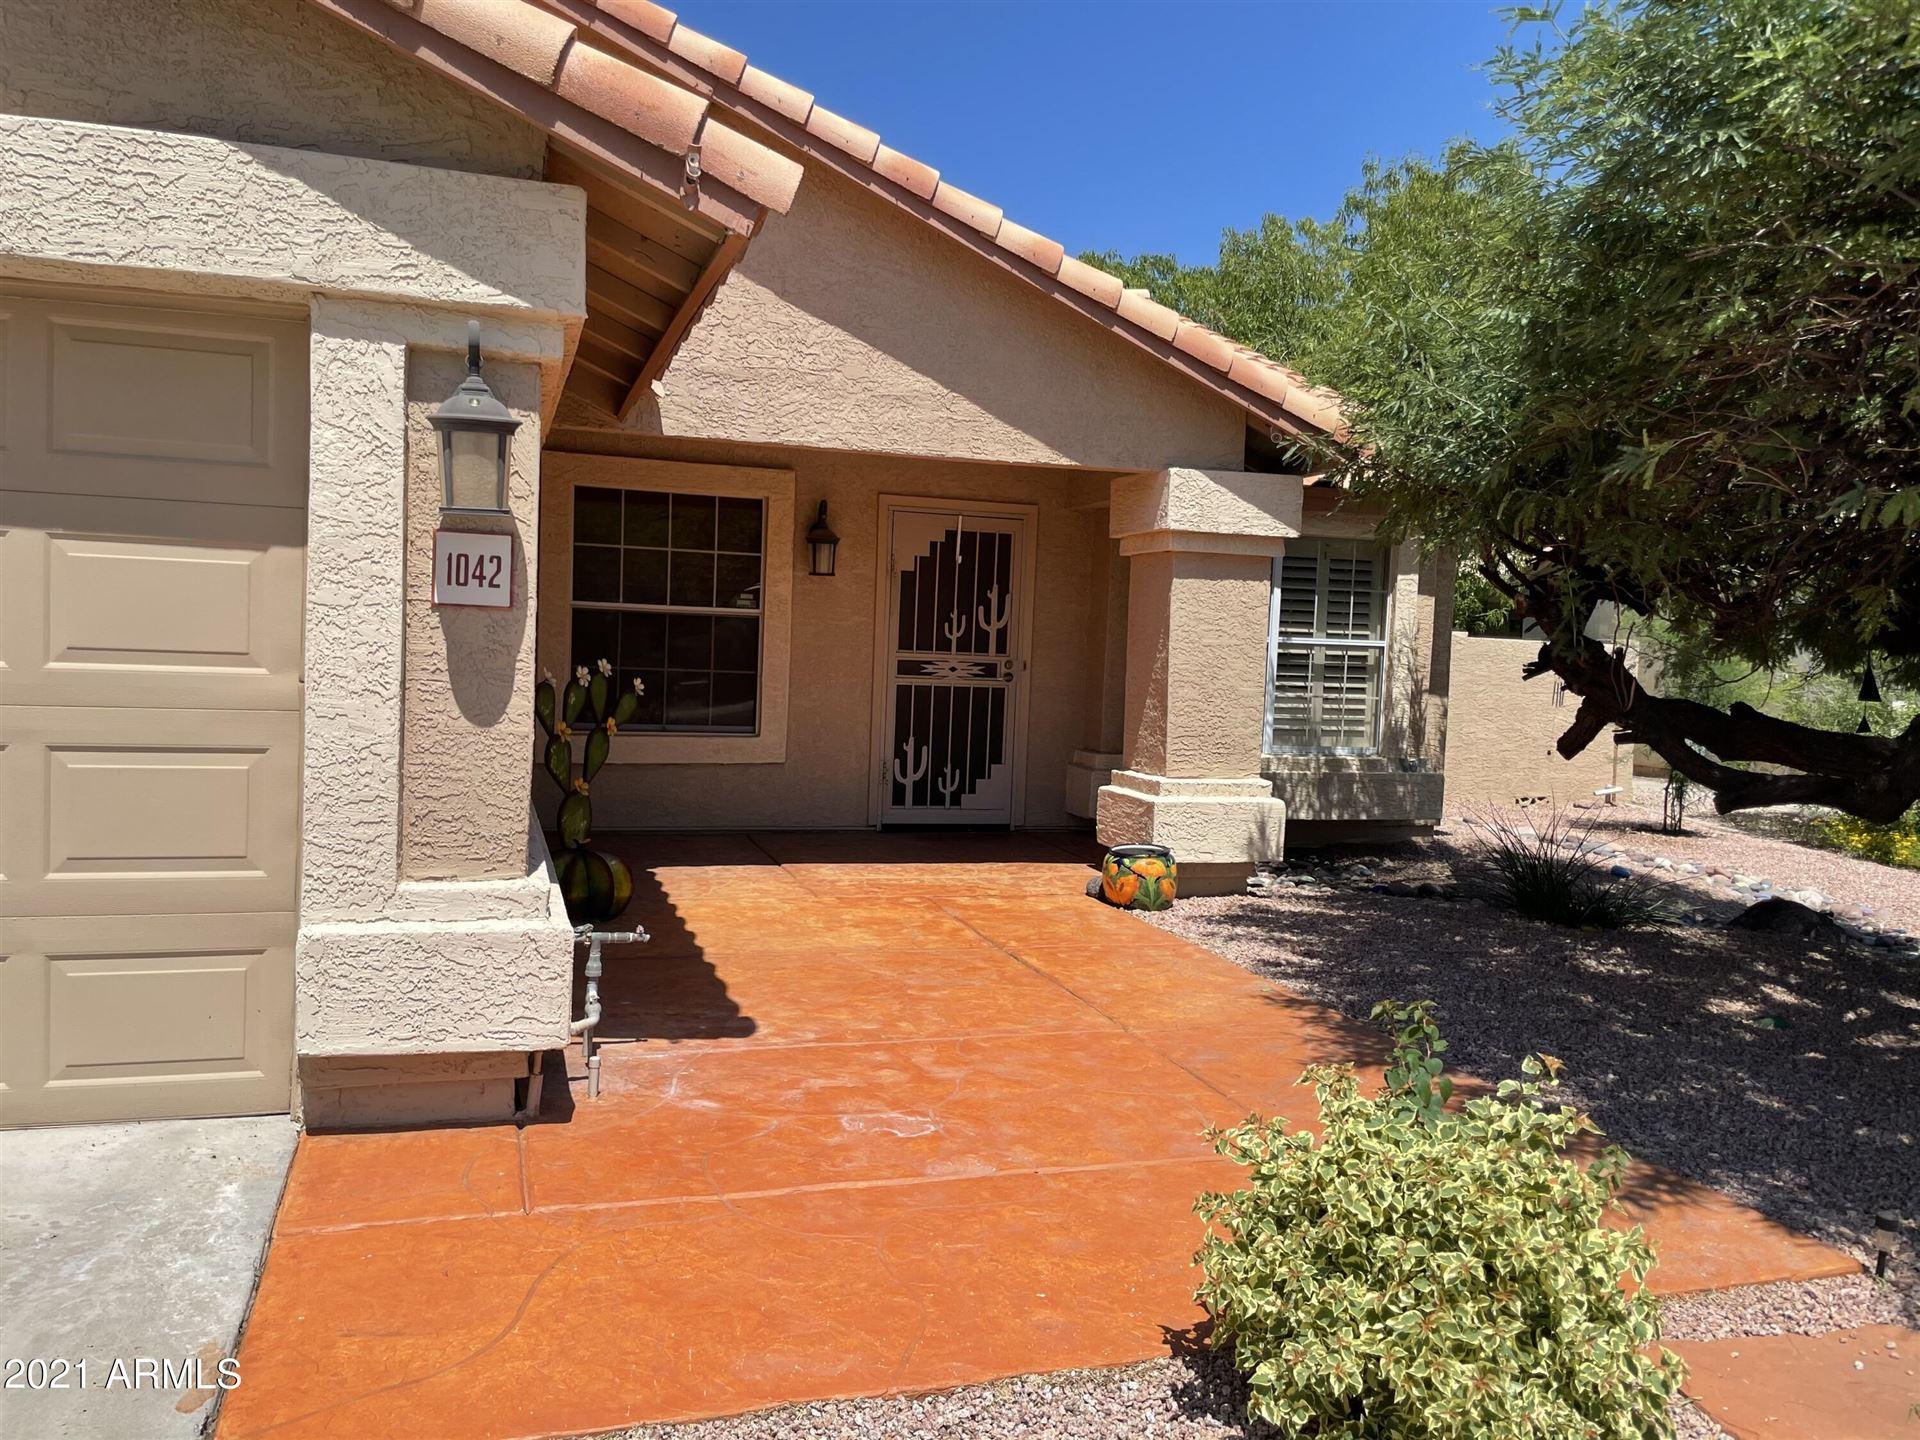 Photo of 1042 W LISA Lane, Tempe, AZ 85284 (MLS # 6291436)